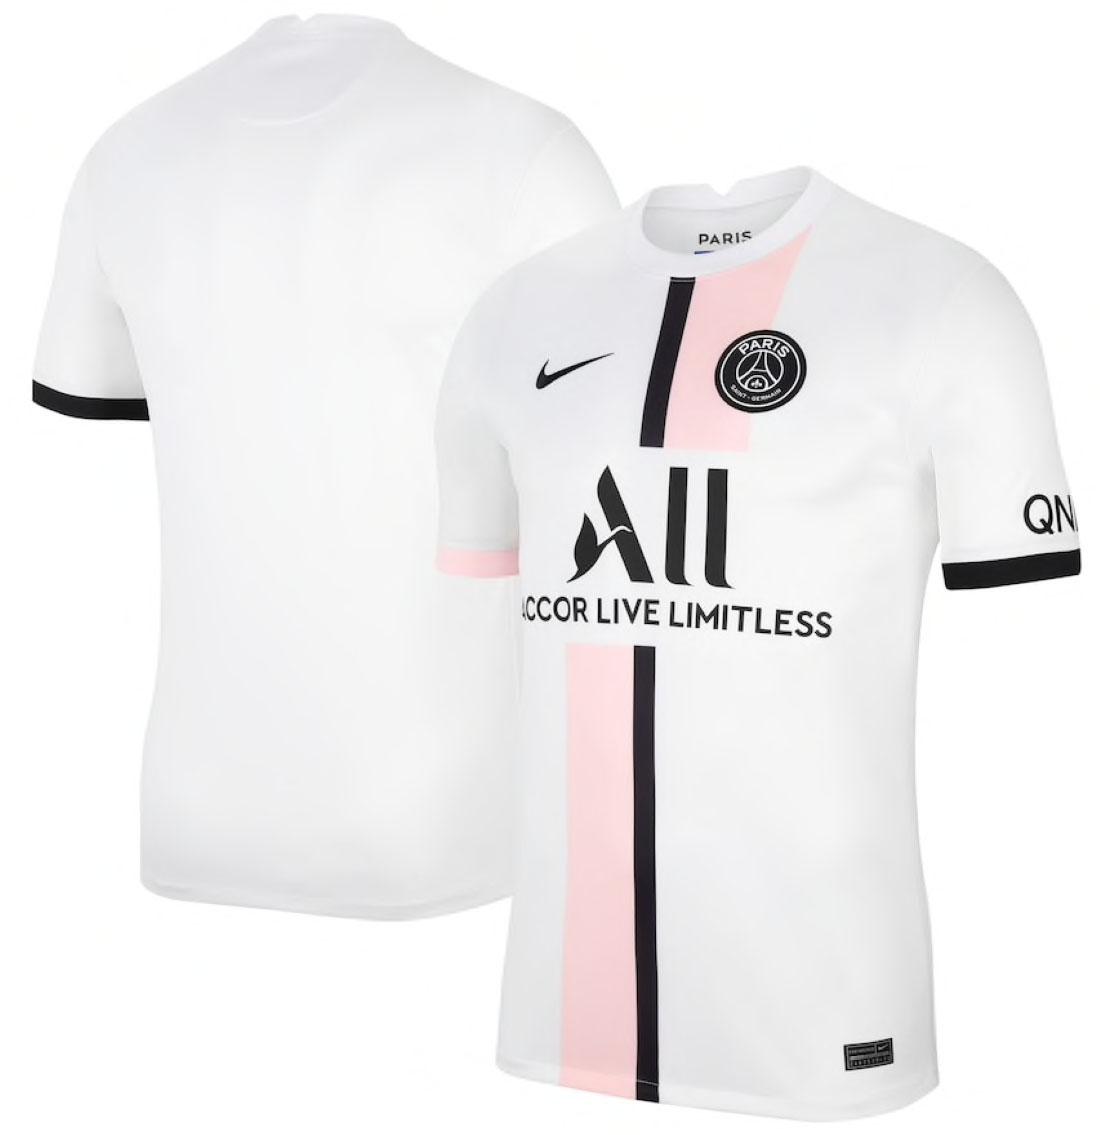 Paris Saint-Germain Maillot Extérieur 2021-22